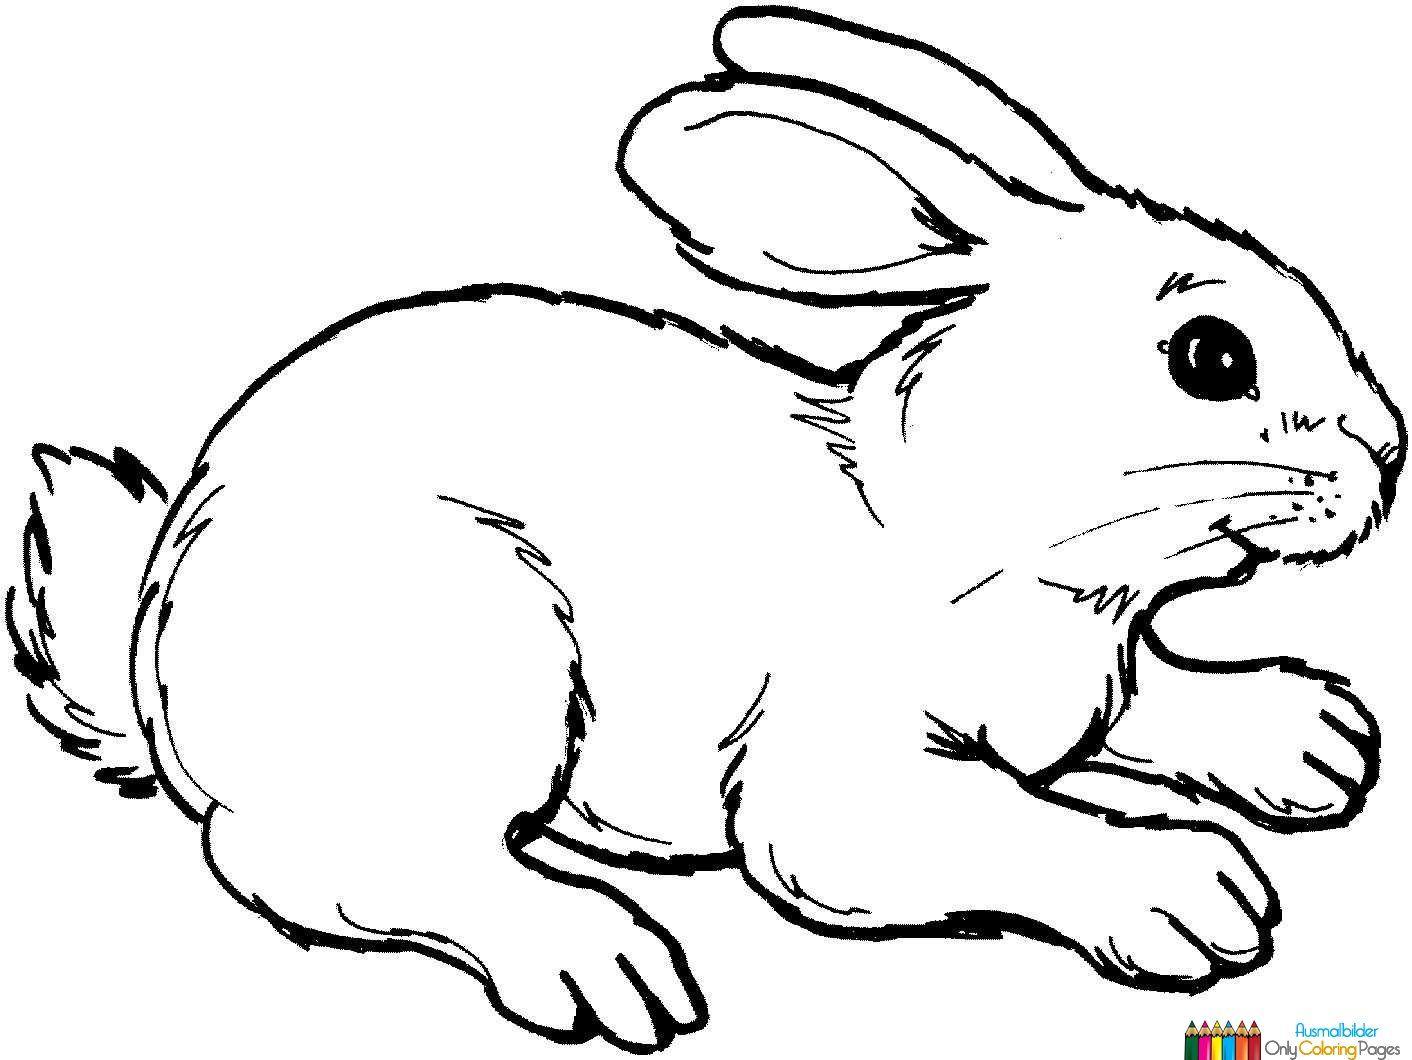 kaninchen zum ausmalen | Kinderzimmer | Pinterest ...